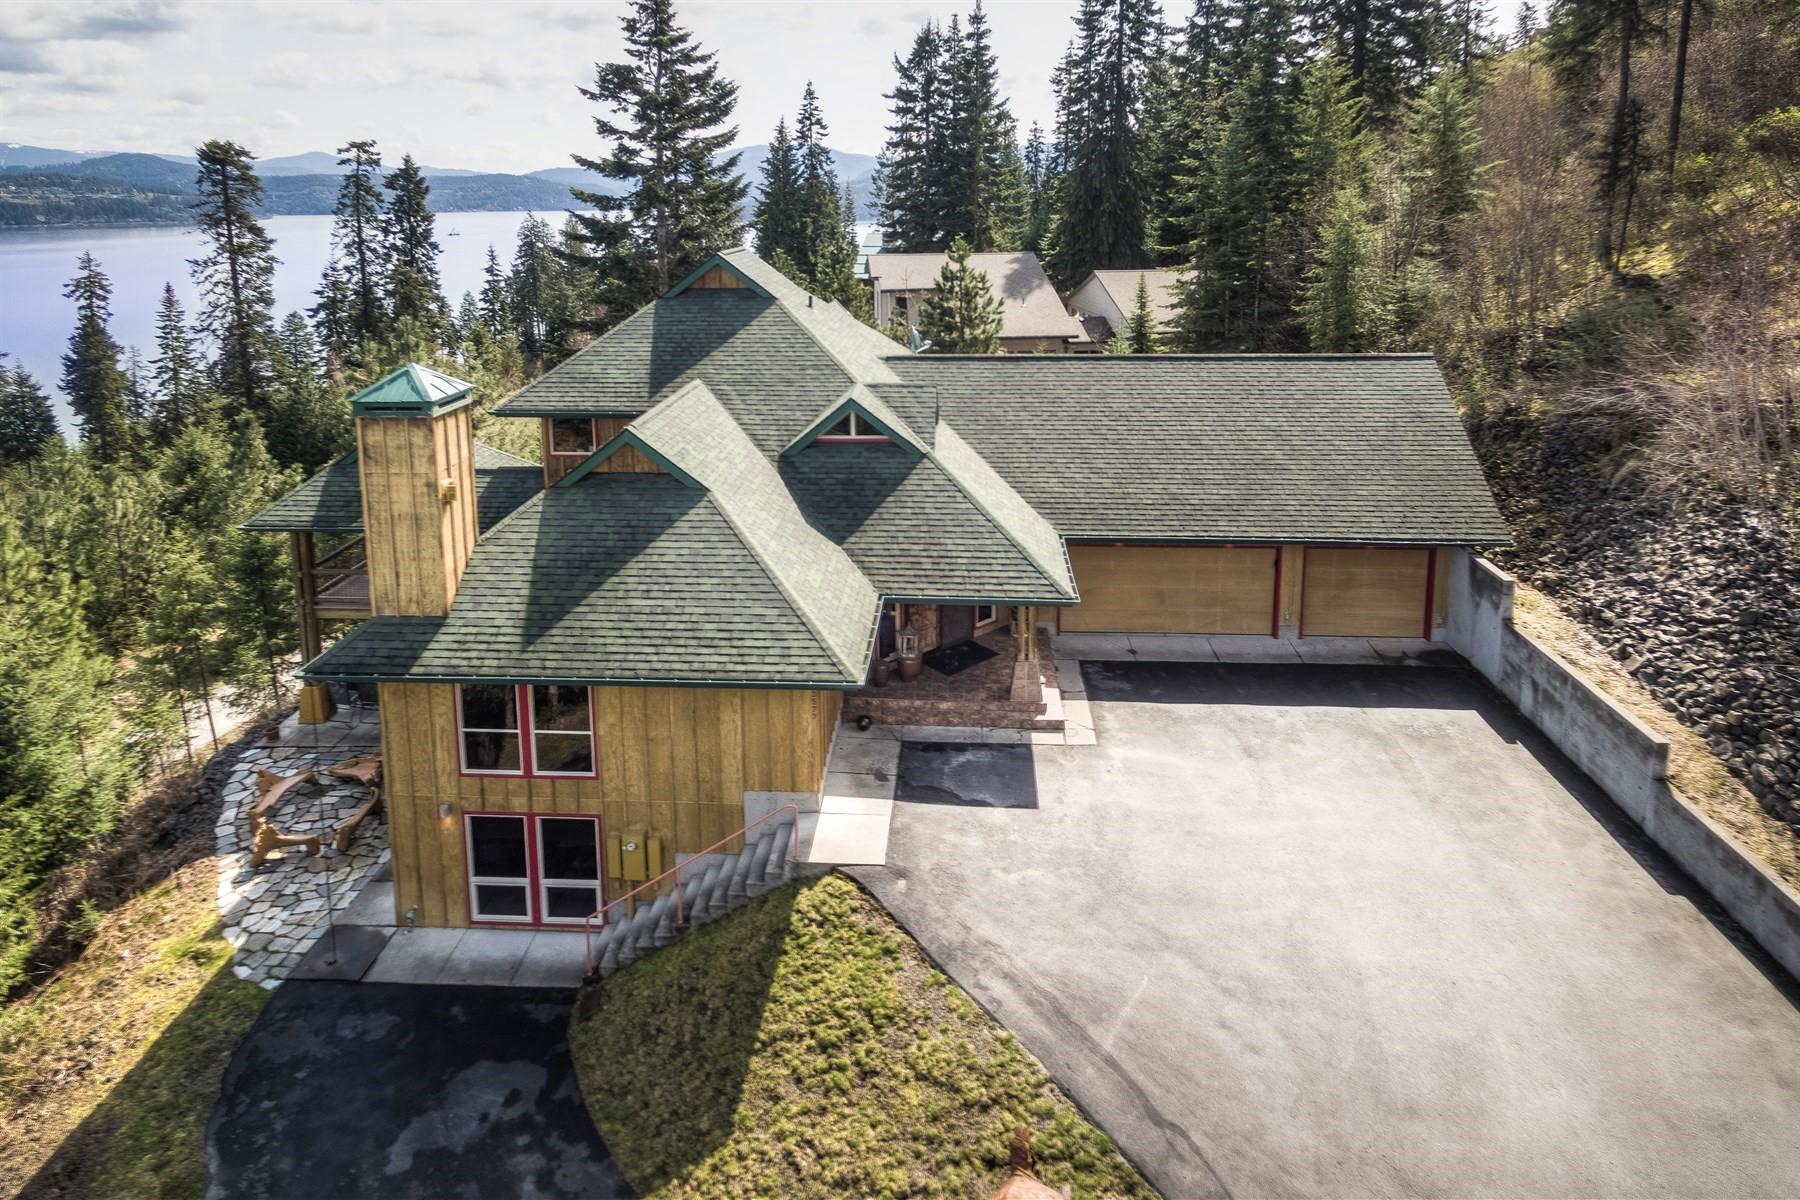 Villa per Vendita alle ore ARTFULLY DESIGNED home boasting magnificent 180' Coeur d' Alene LAKE VIEWS! 3577 S Capeview Ct, Coeur D Alene, Idaho, 83814 Stati Uniti